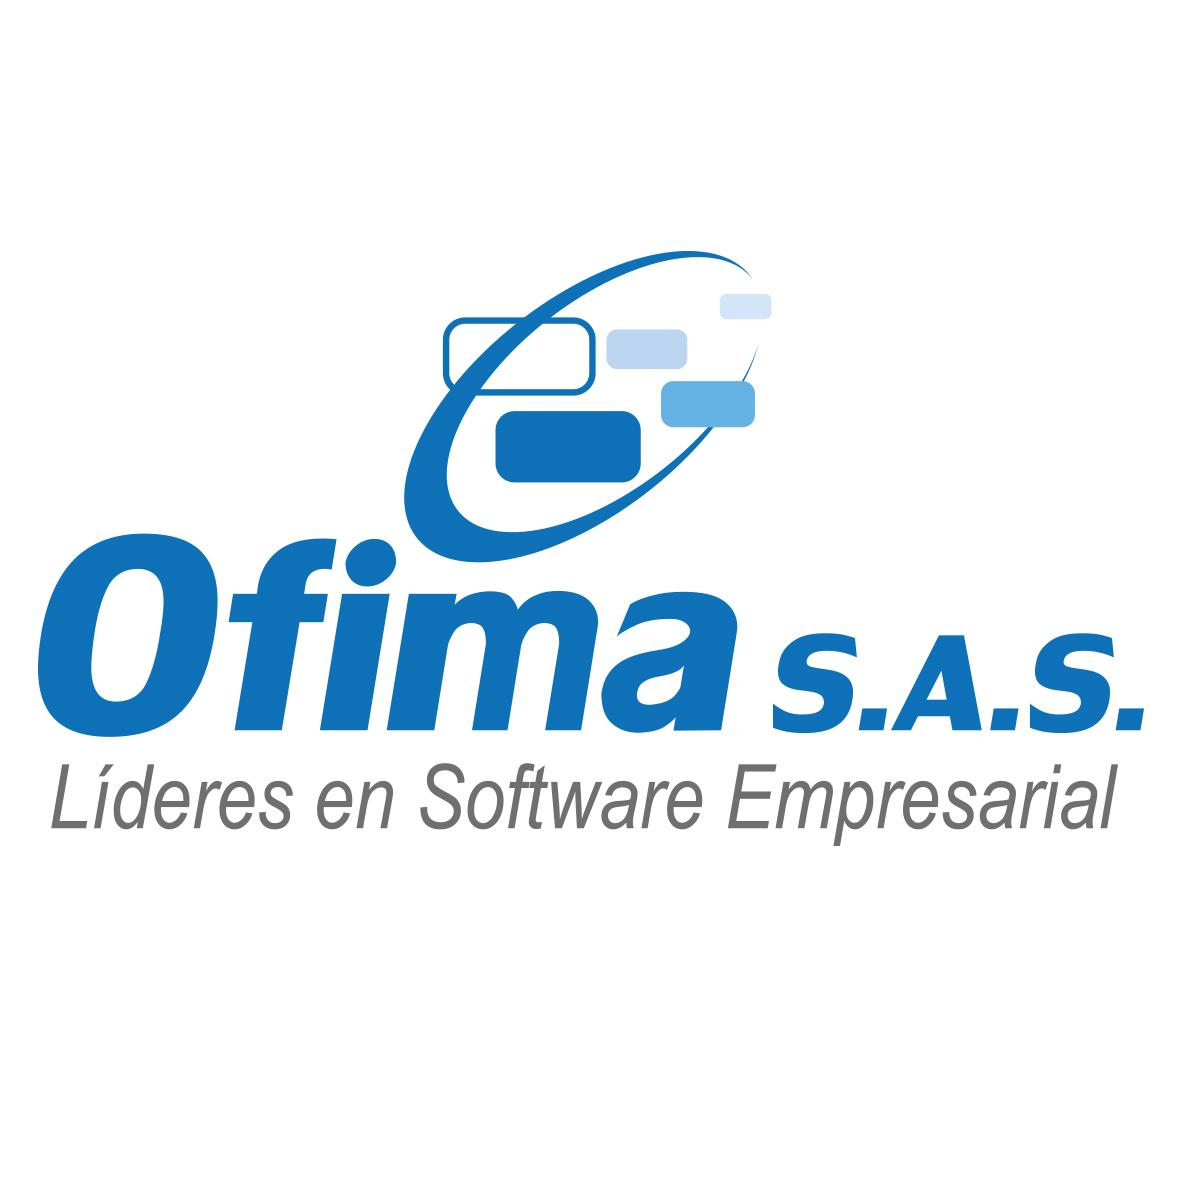 SOFTWARE NÓMINA - Software de Nómina y Gestión Humana Ofima